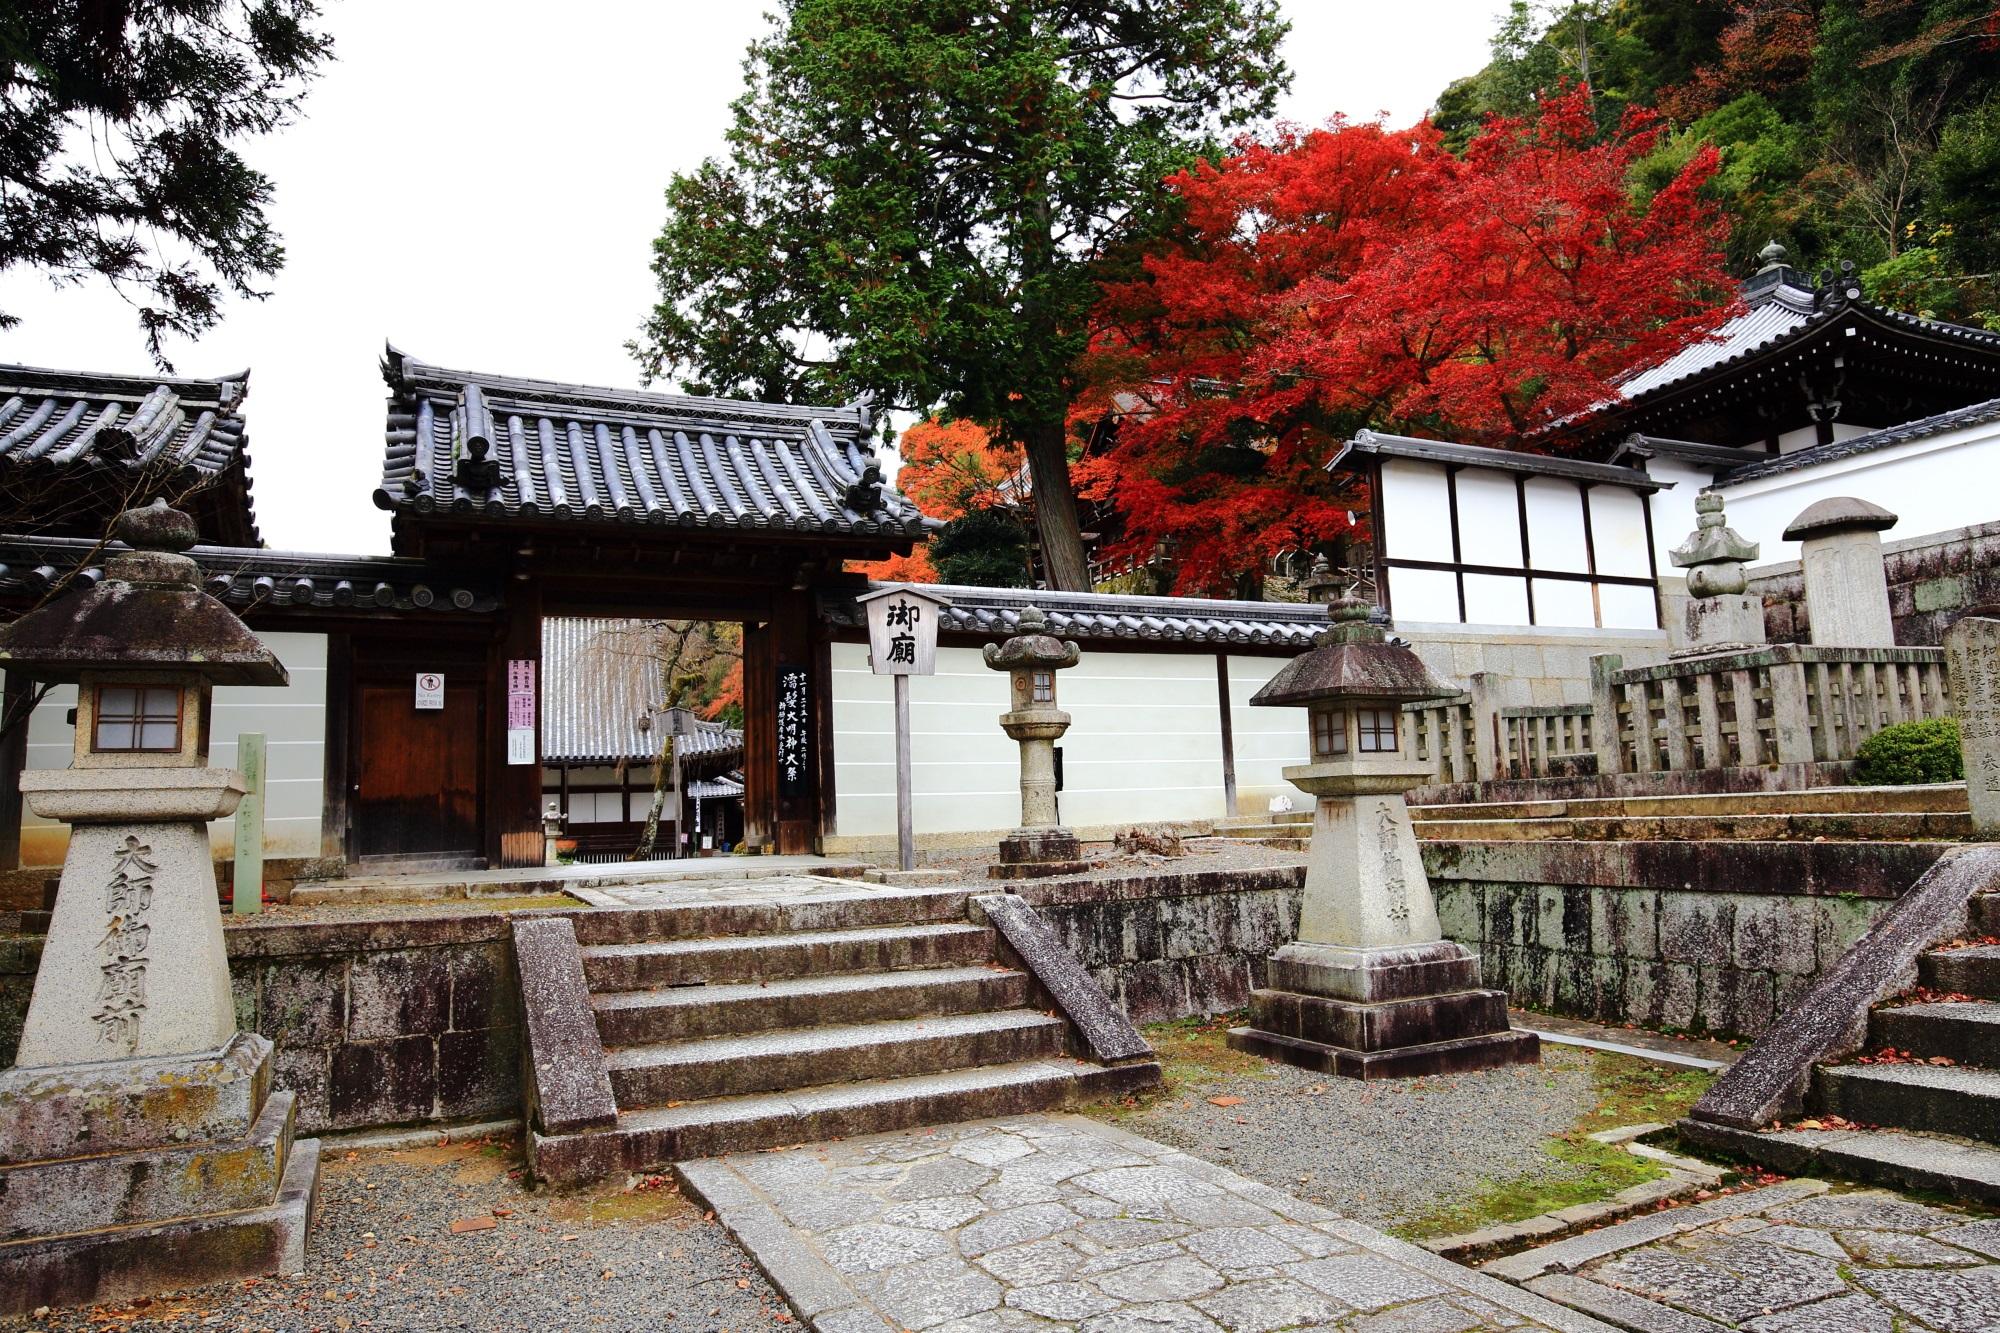 知恩院の法然上人御廟の溢れ出す鮮やかな紅葉